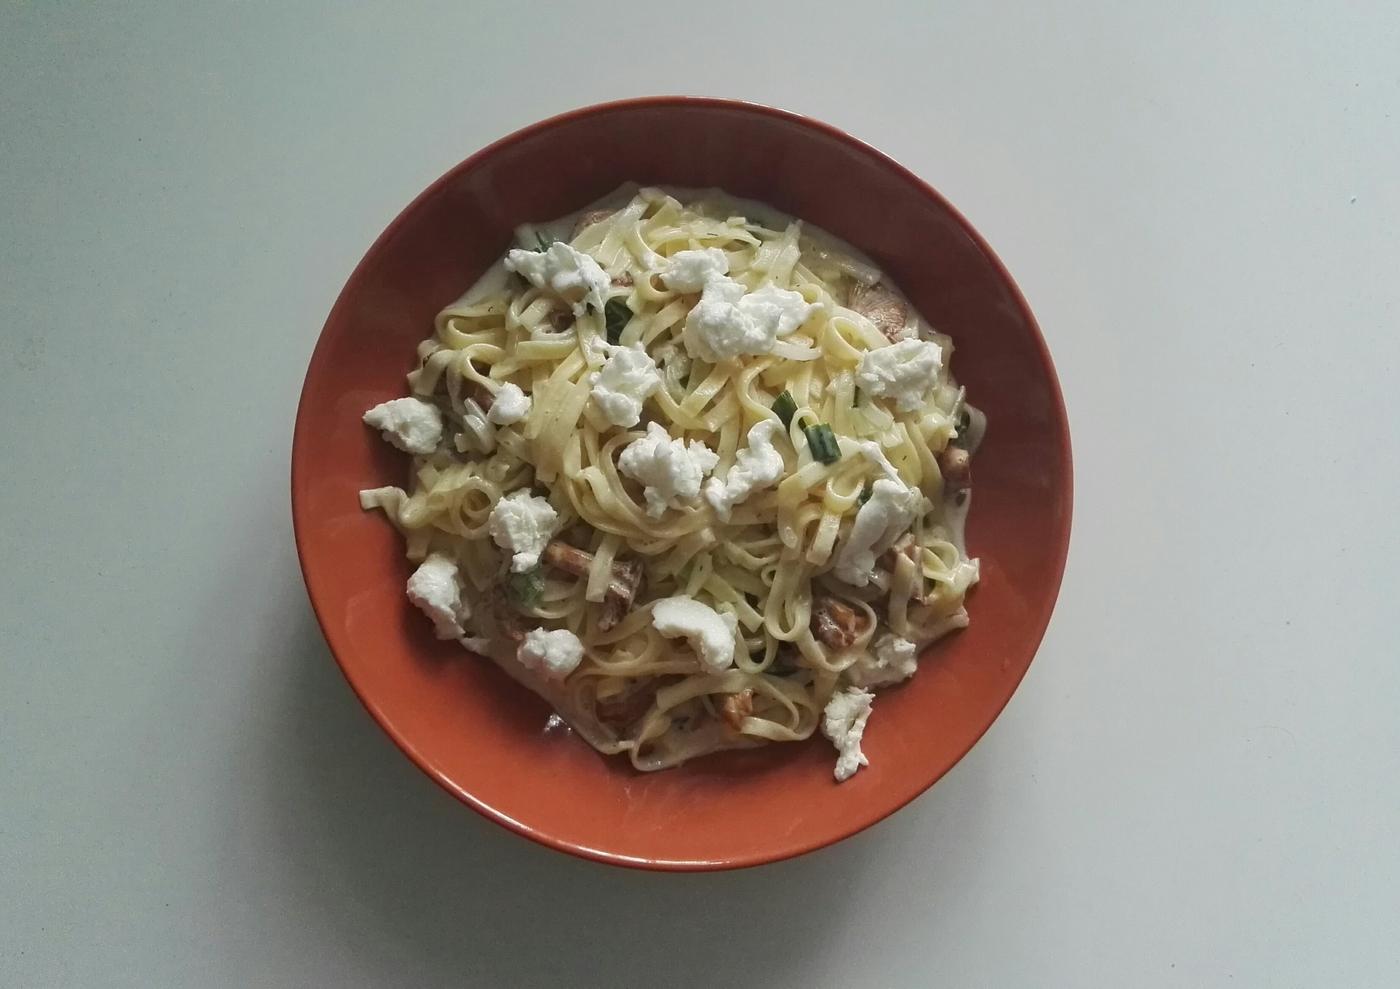 Kantarellikastiketta ja pastaa